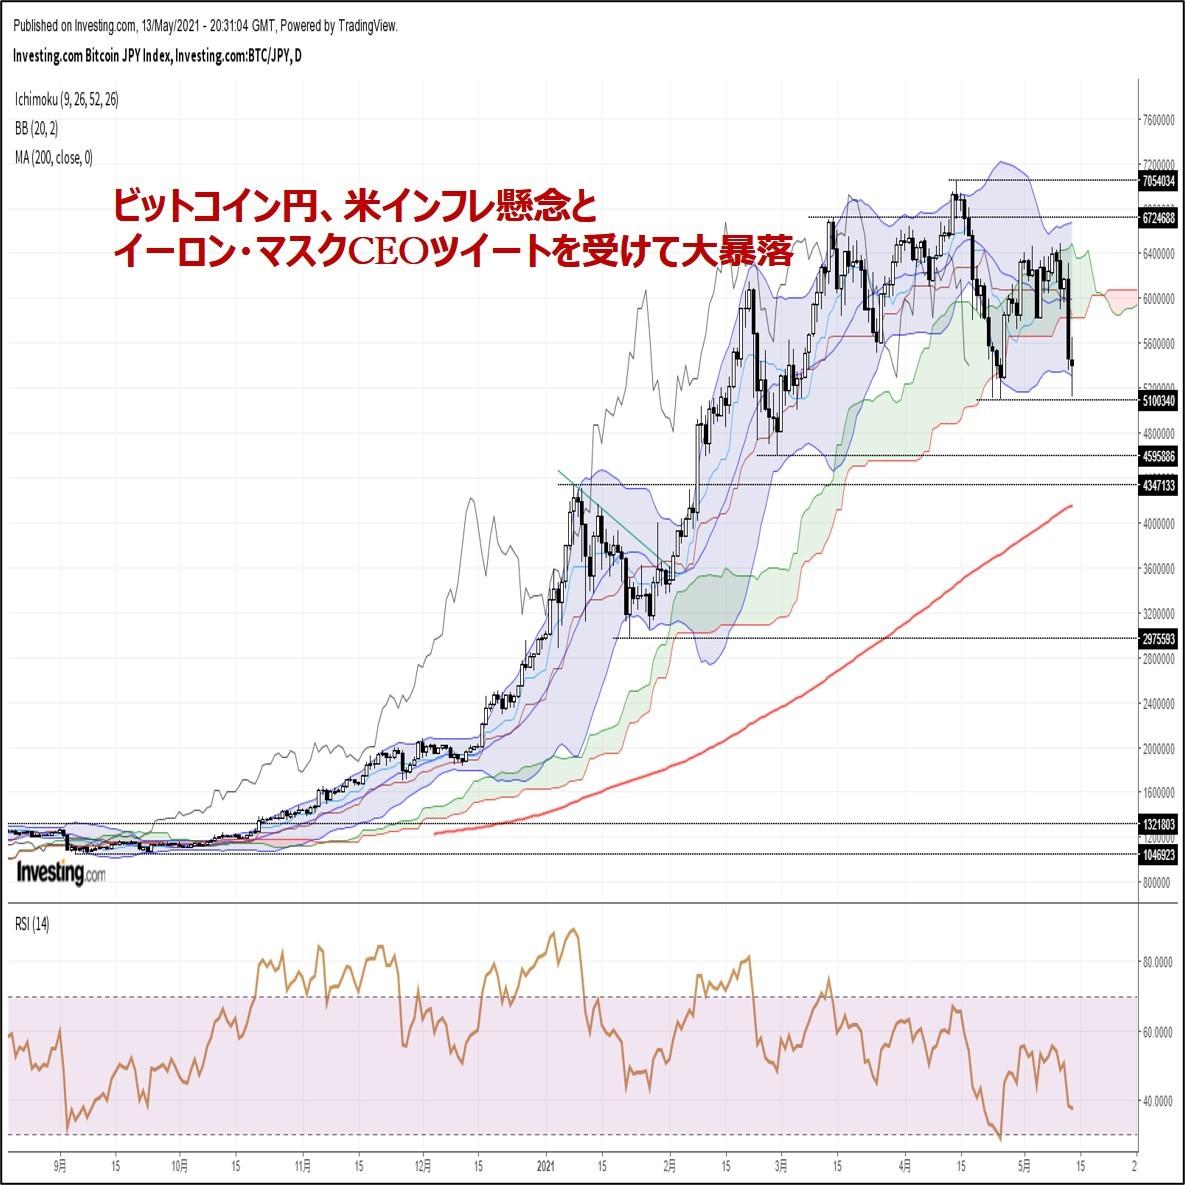 ビットコイン円、米インフレ懸念とイーロン・マスクCEOツイートを受けて大暴落(5/14朝)